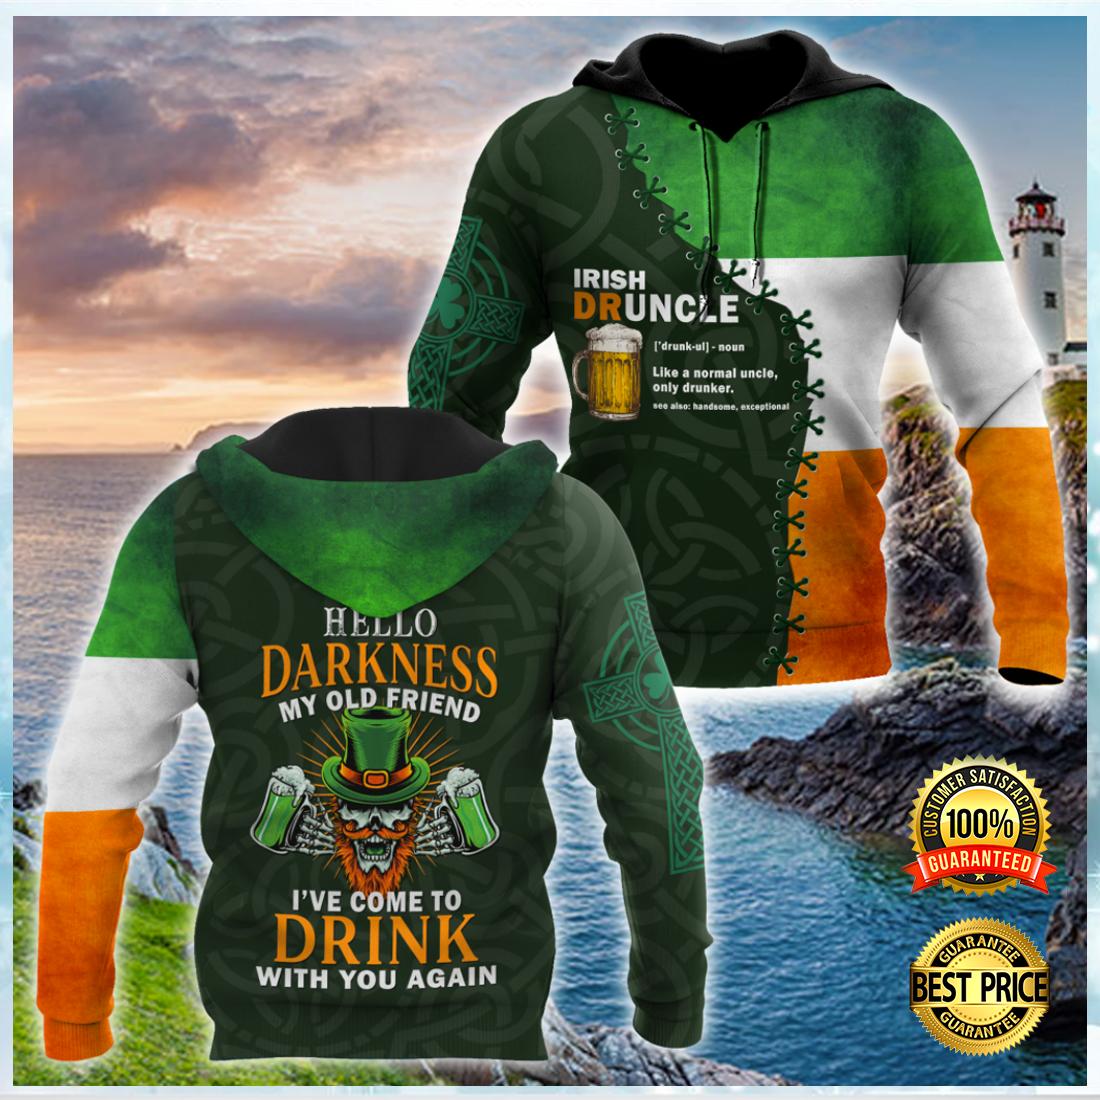 IRISH DRUNCLE ALL OVER PRINT 3D HOODIE 6